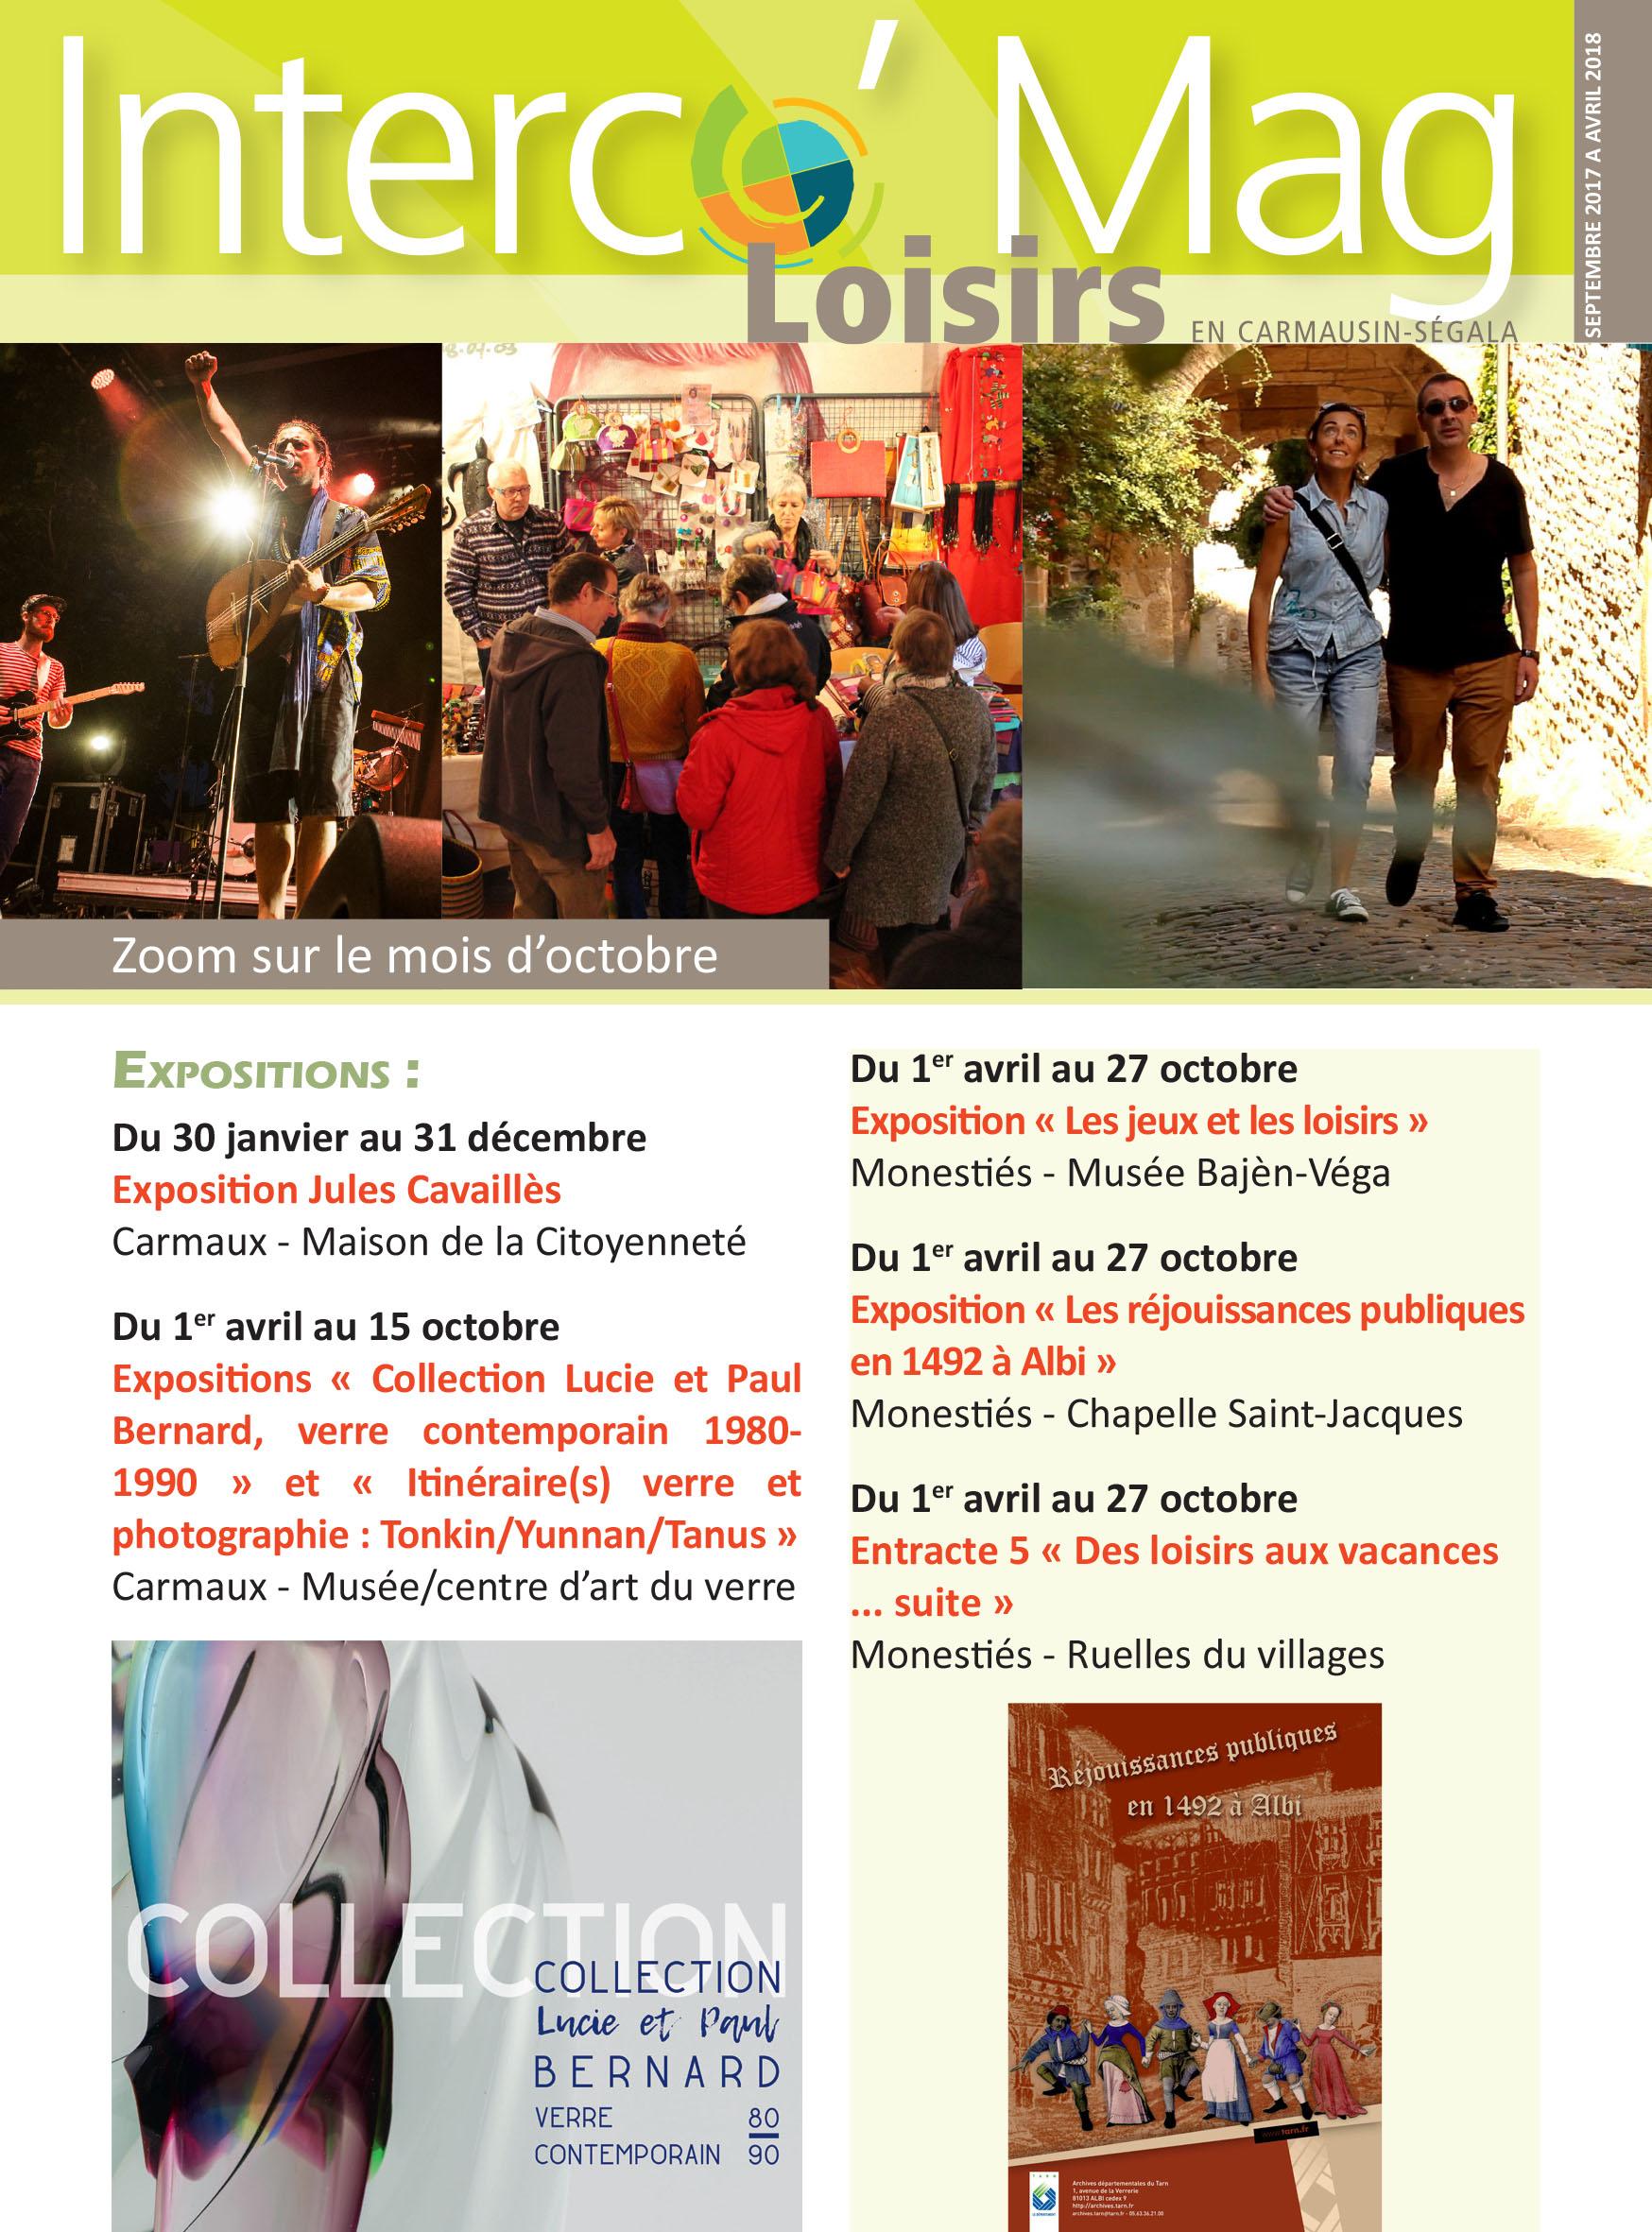 Interco'Mag Loisirs - zoom sur le mois d'octobre